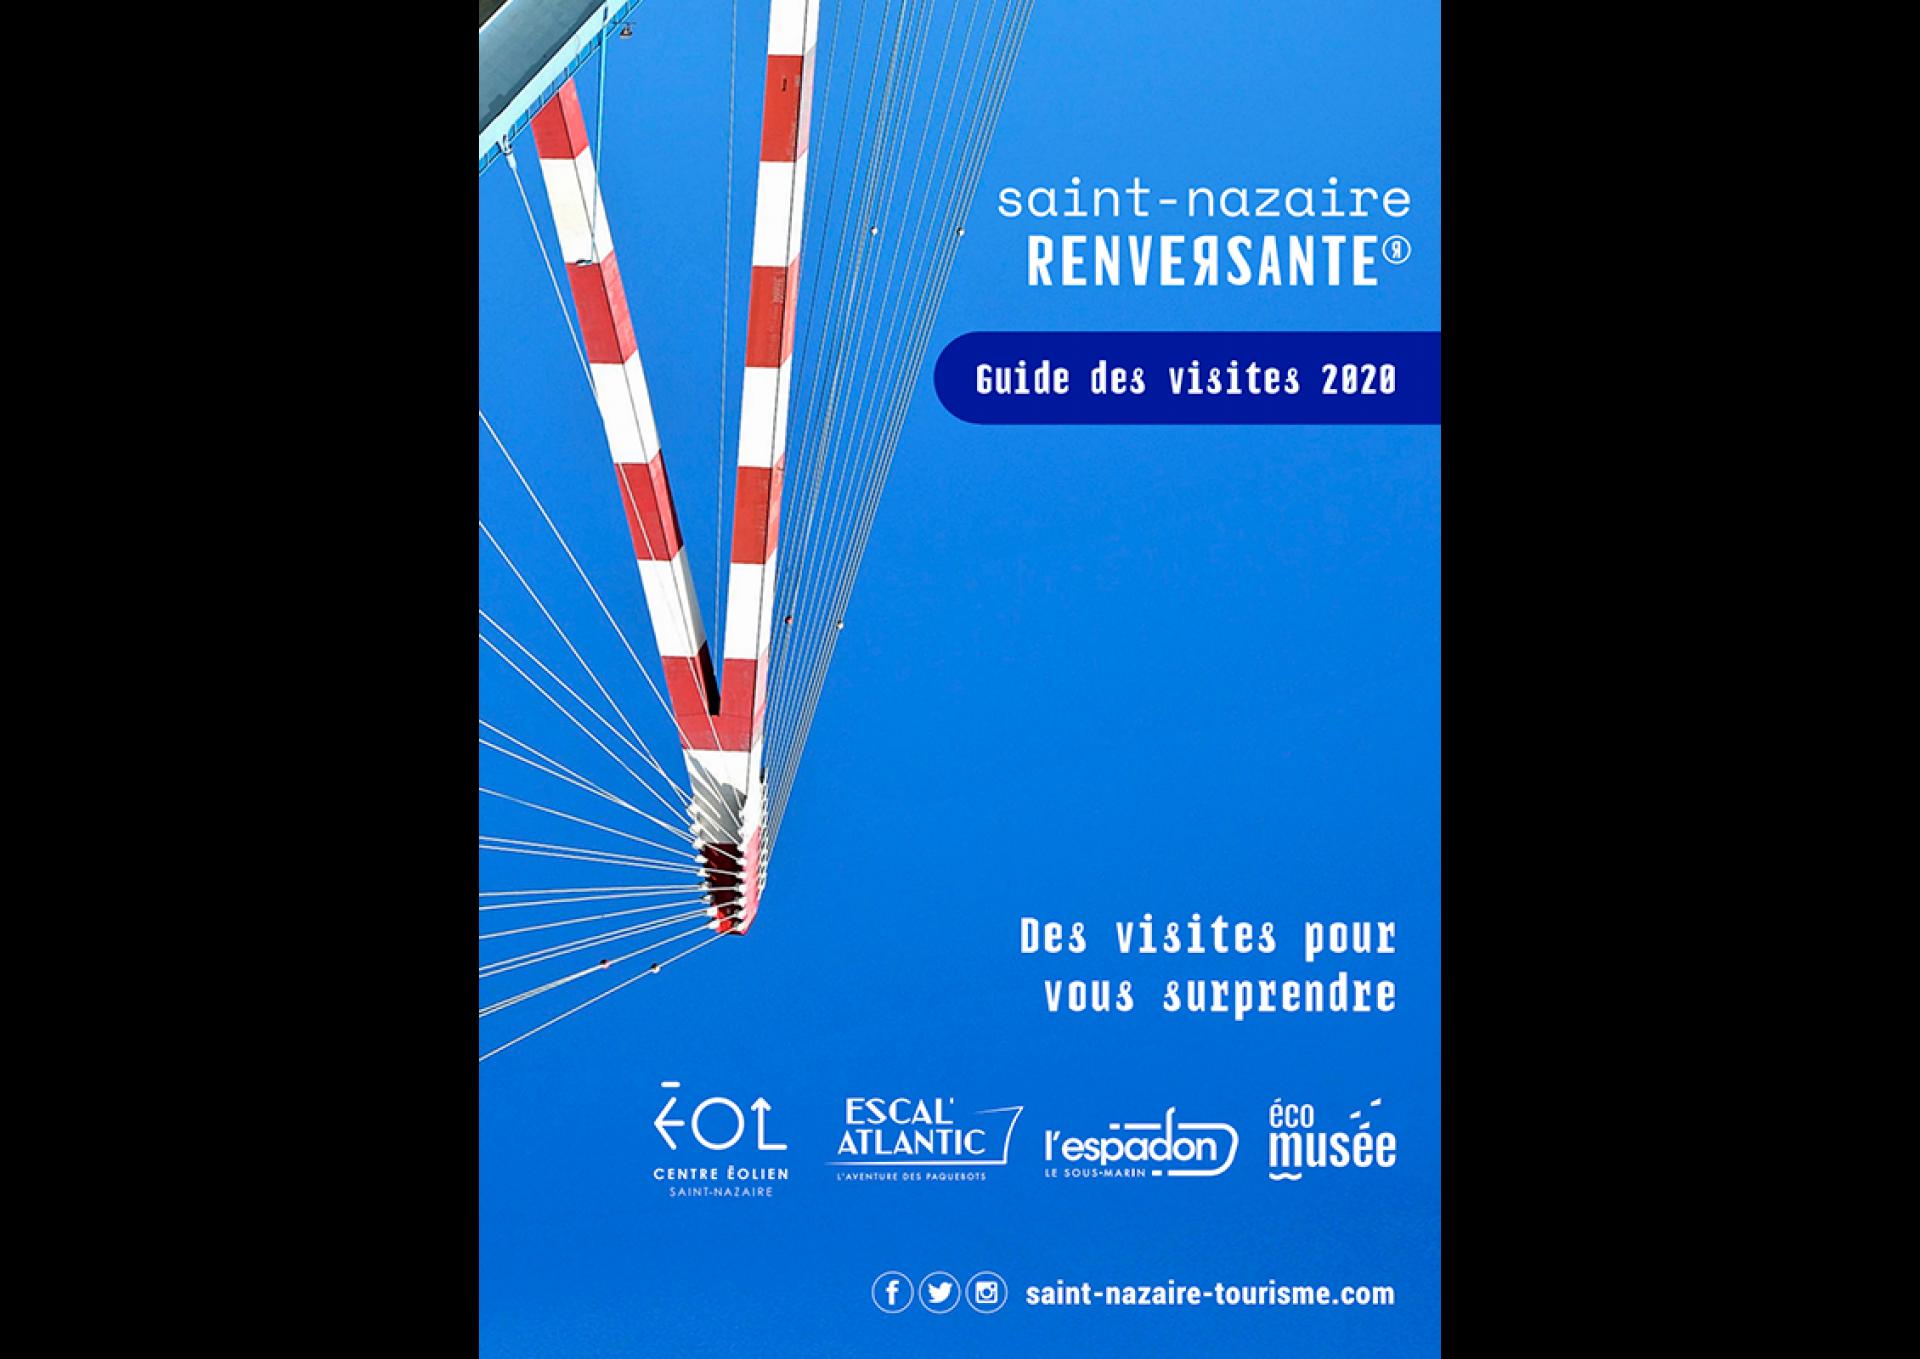 Couverture Brochure Visites Saint Nazaire 2020